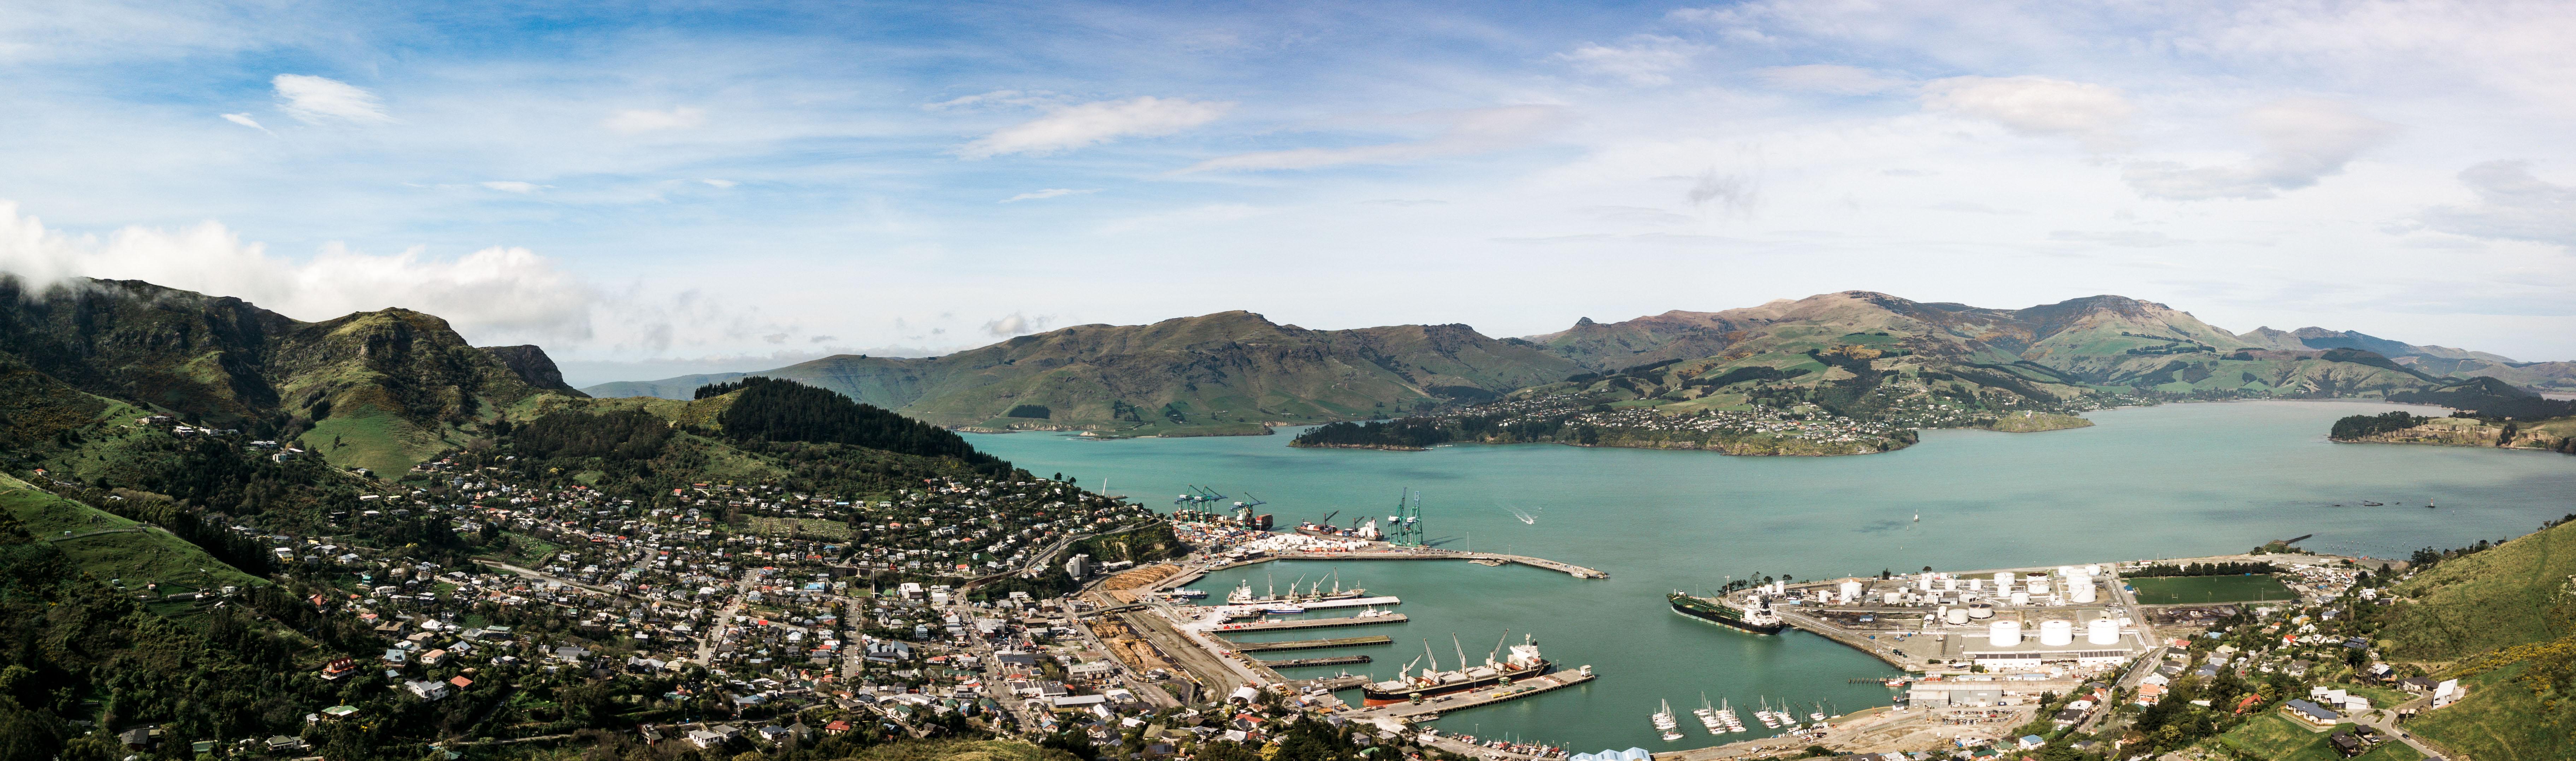 Lyttelton - New Zealand